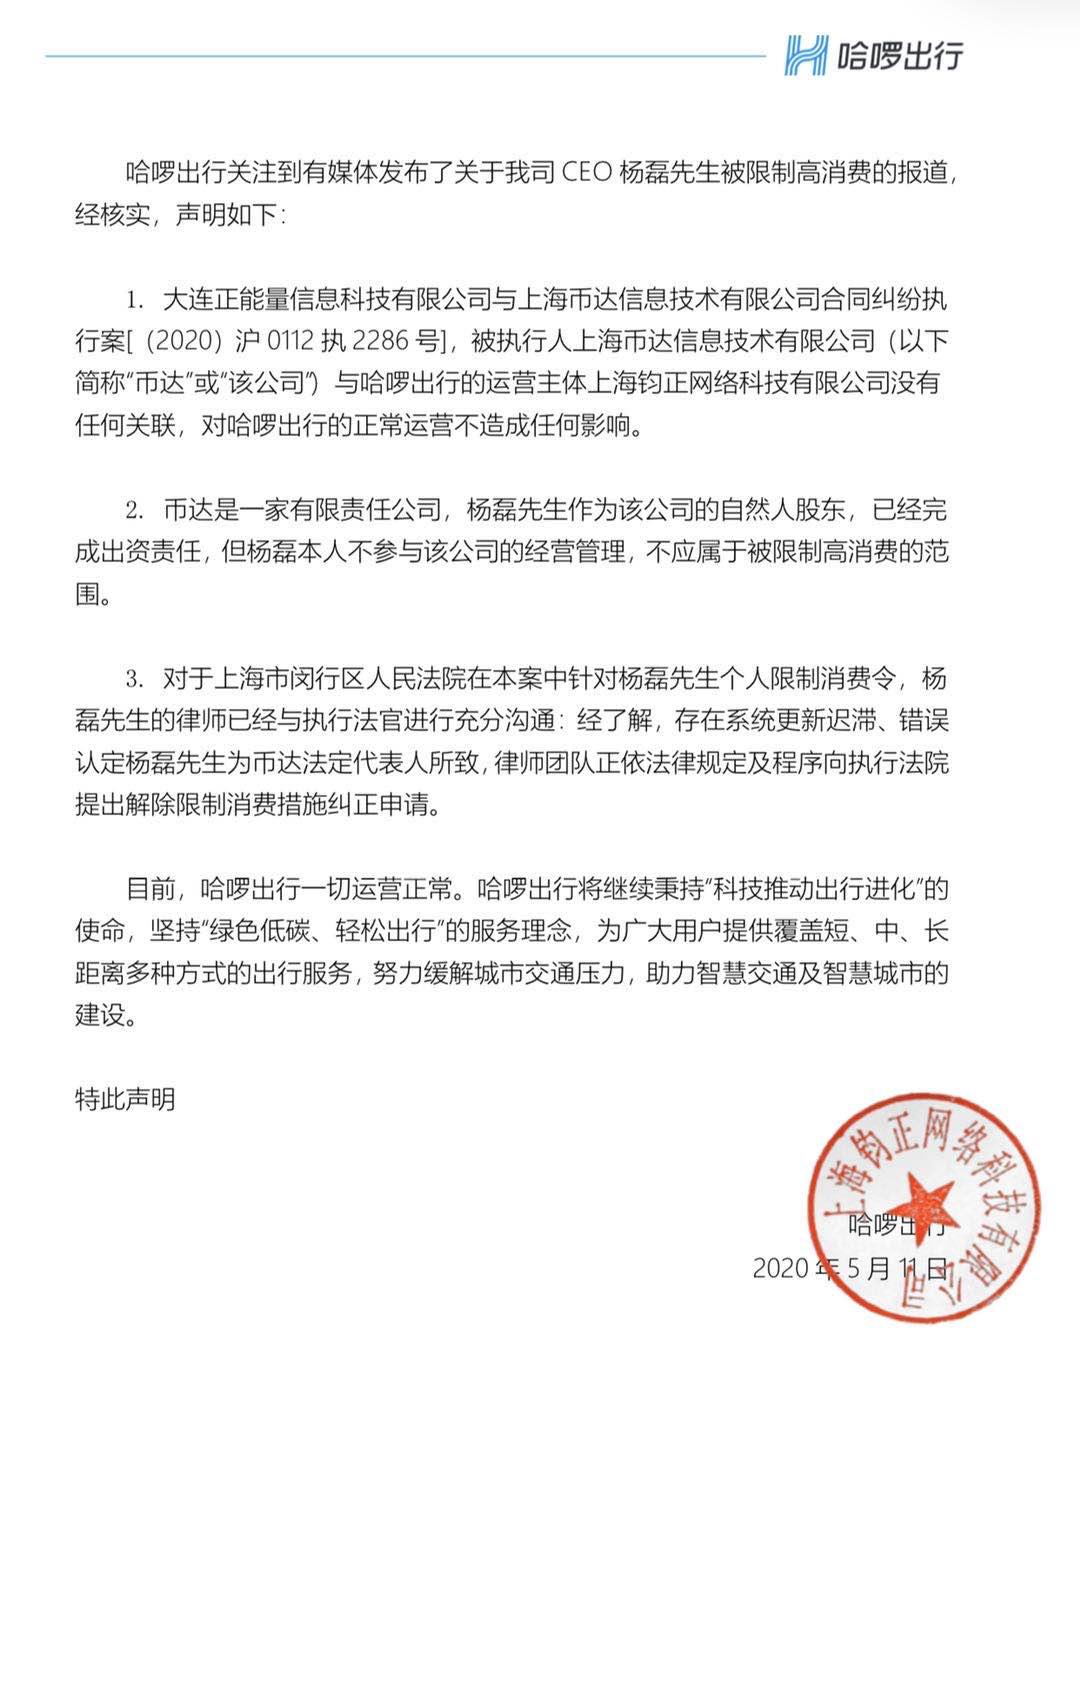 哈啰出行创始人杨磊被限制高消费,官方回应